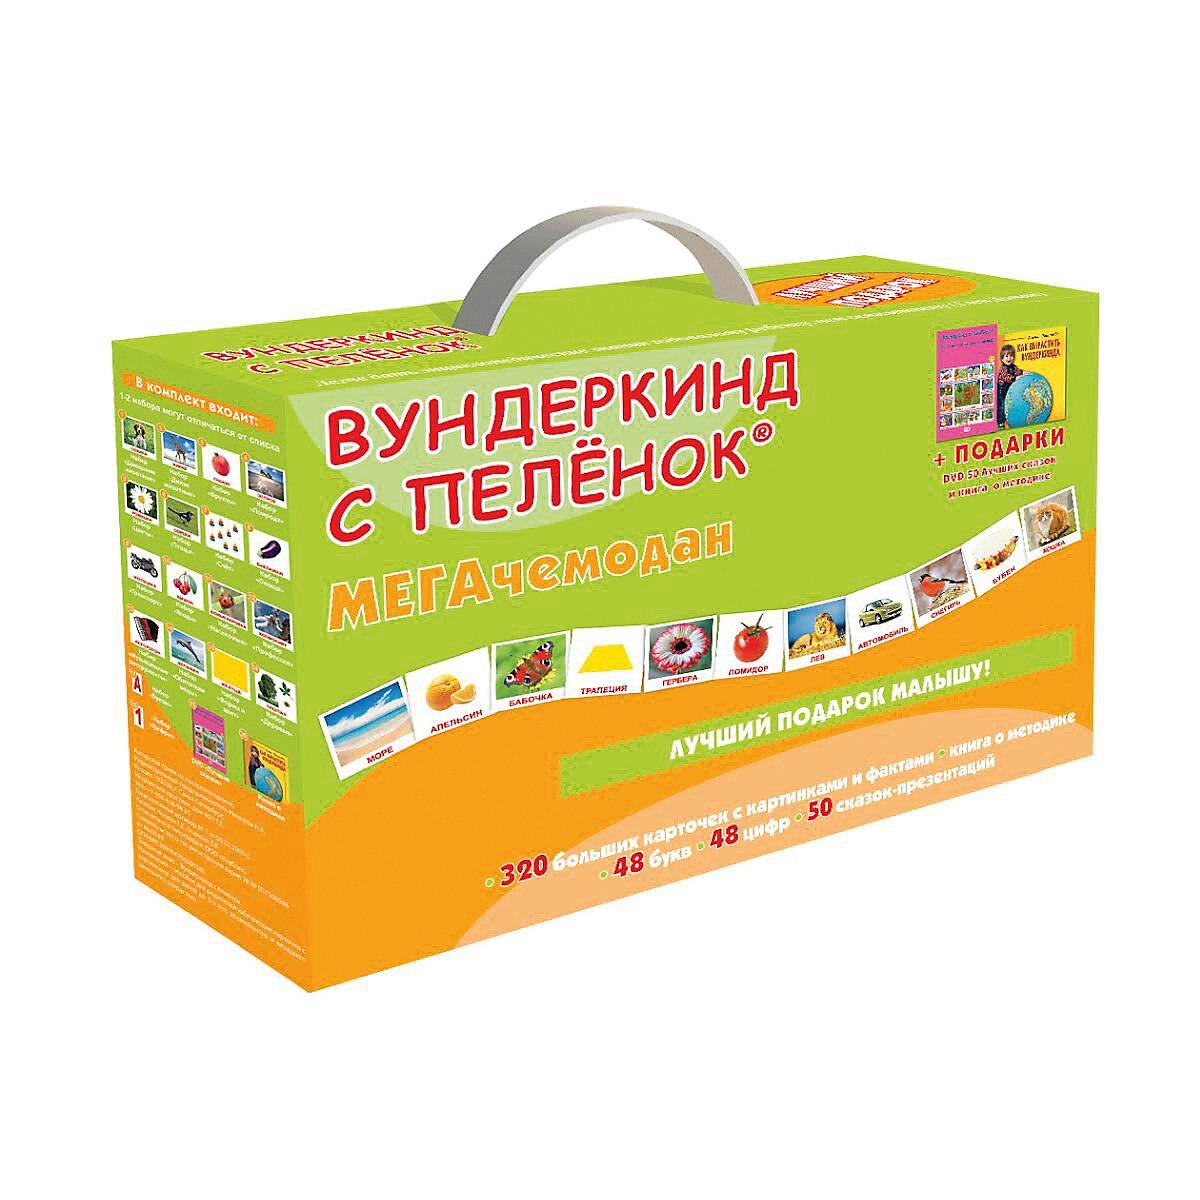 Livros Vunderkind s pelenok 7182396 cartões para crianças conjunto de livros para crianças aulas de ensino educacional jogo meninas e menino MTpromo